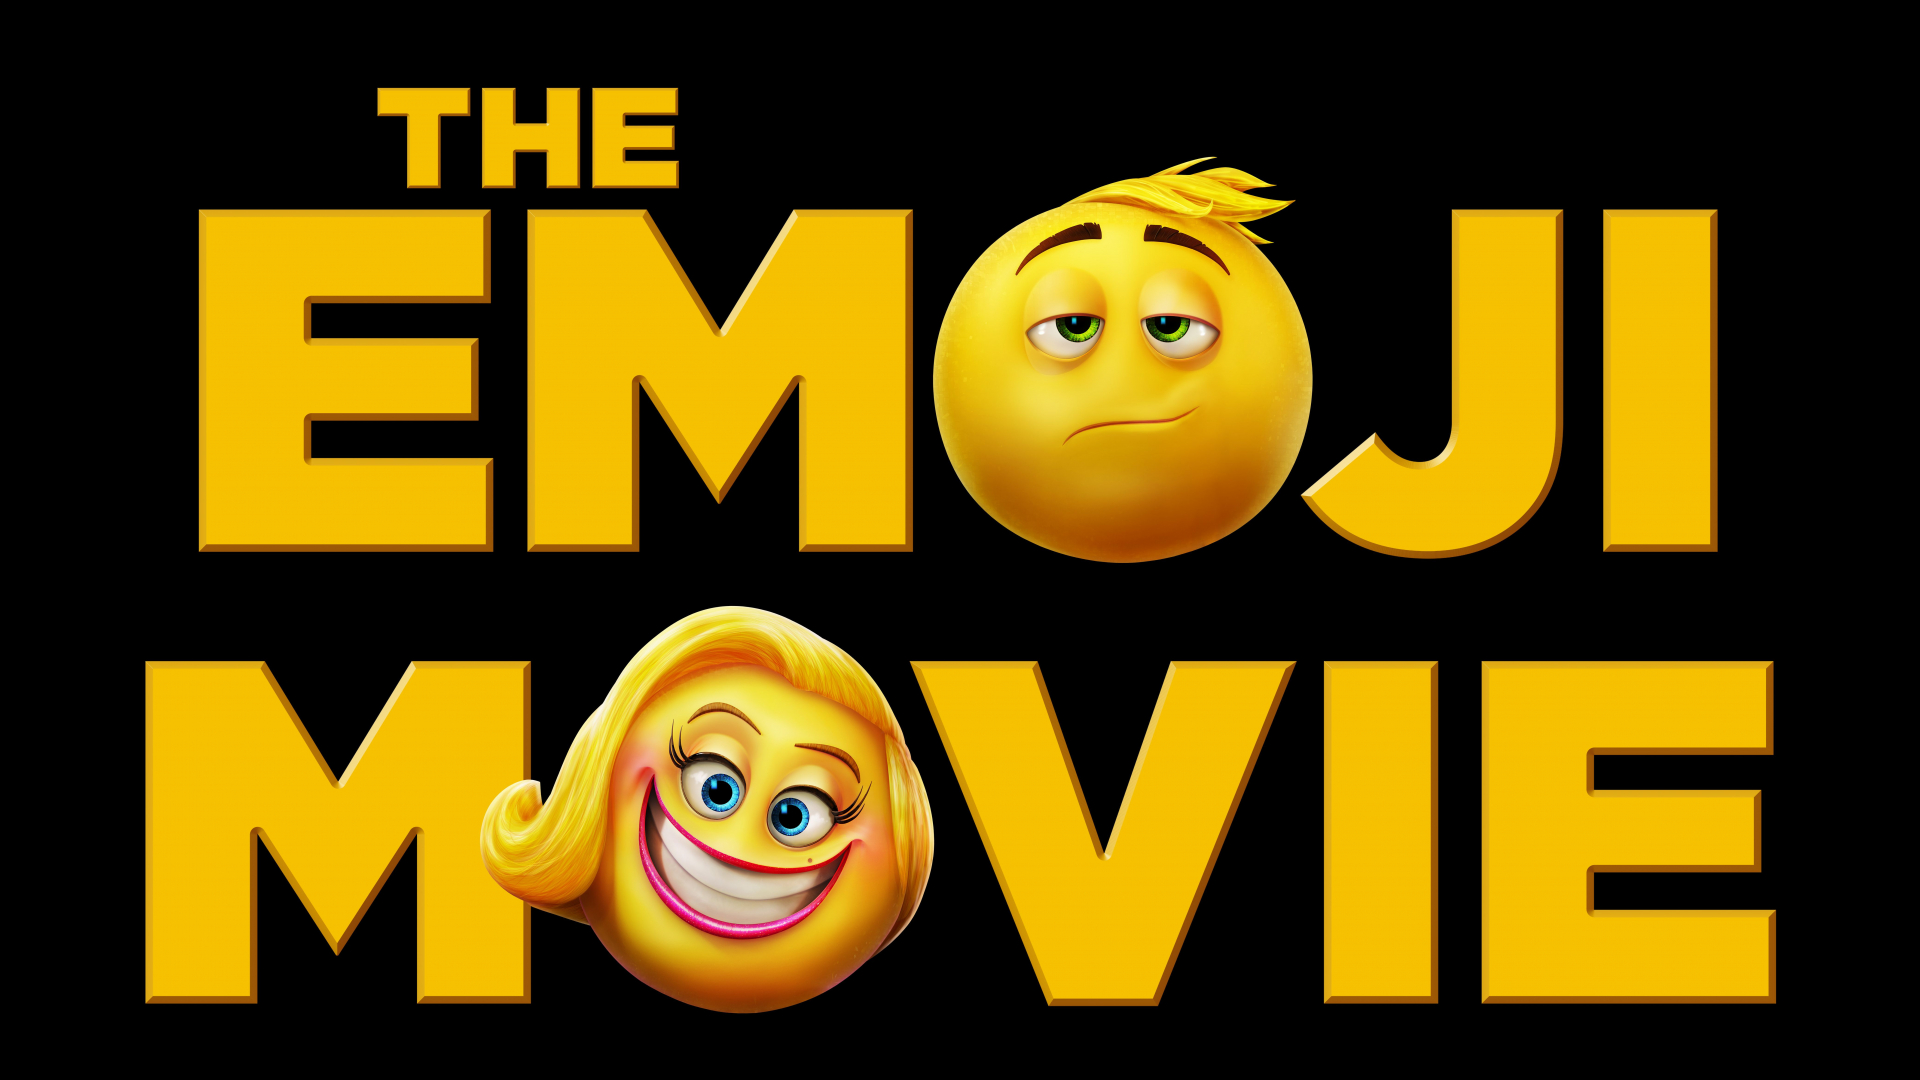 The Emoji Movie Rule 34